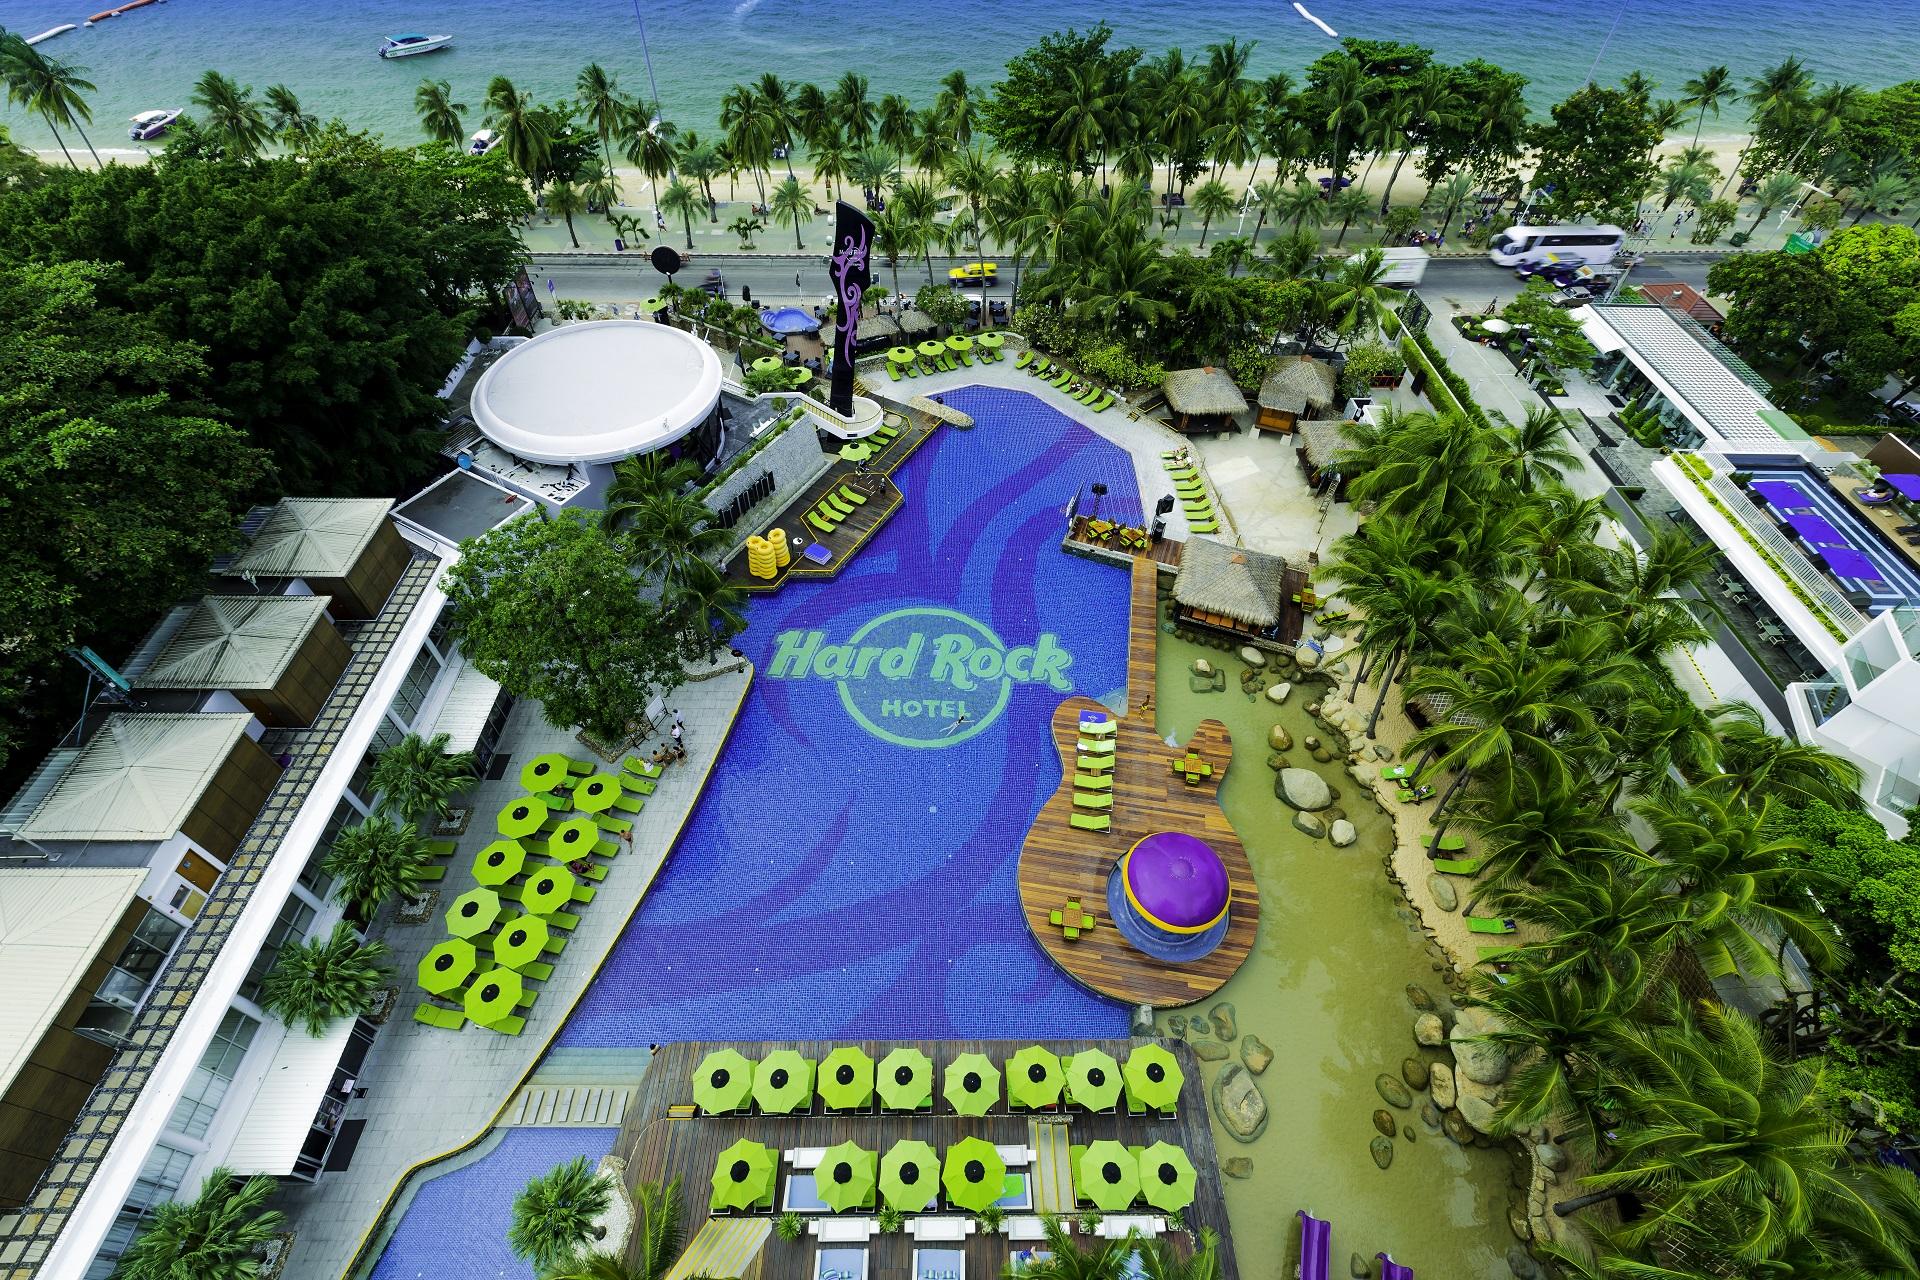 Hard Rock Hotel Pattaya   PATTAYA    IMAGES / FACT SHEET / VIDEO